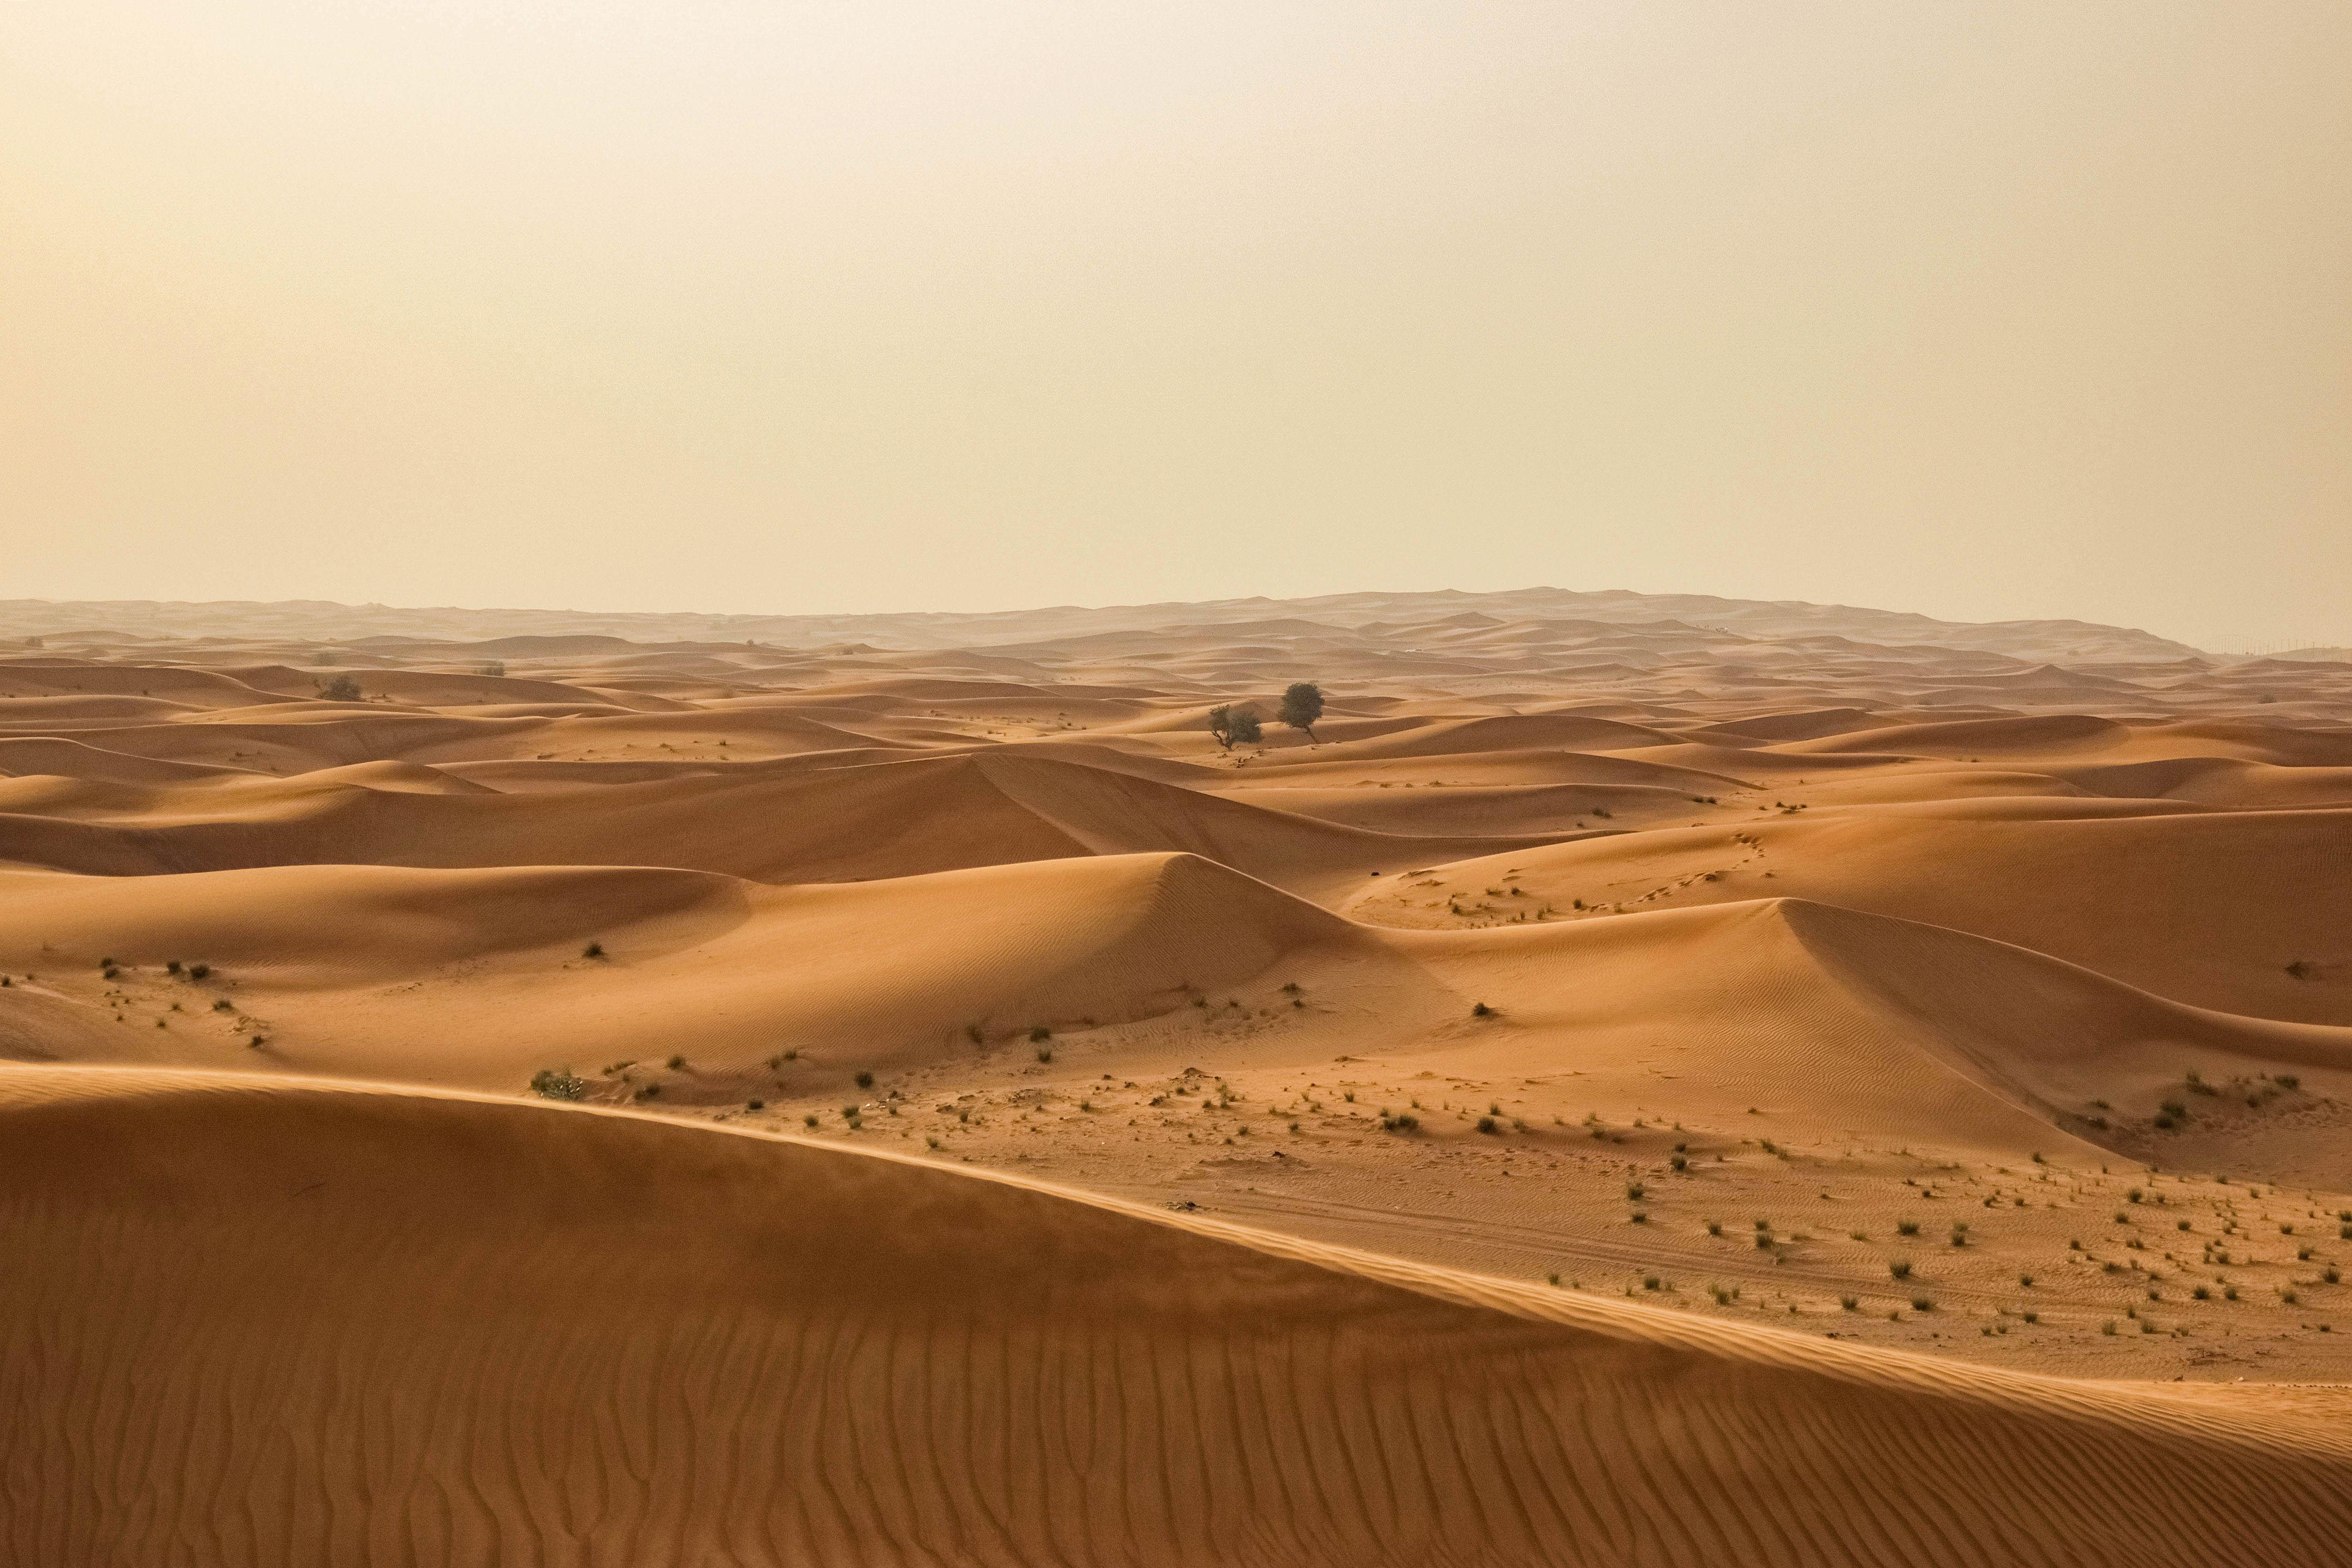 Cómo hizo la humanidad para transformar la fértil llanura del Sahara en un desierto